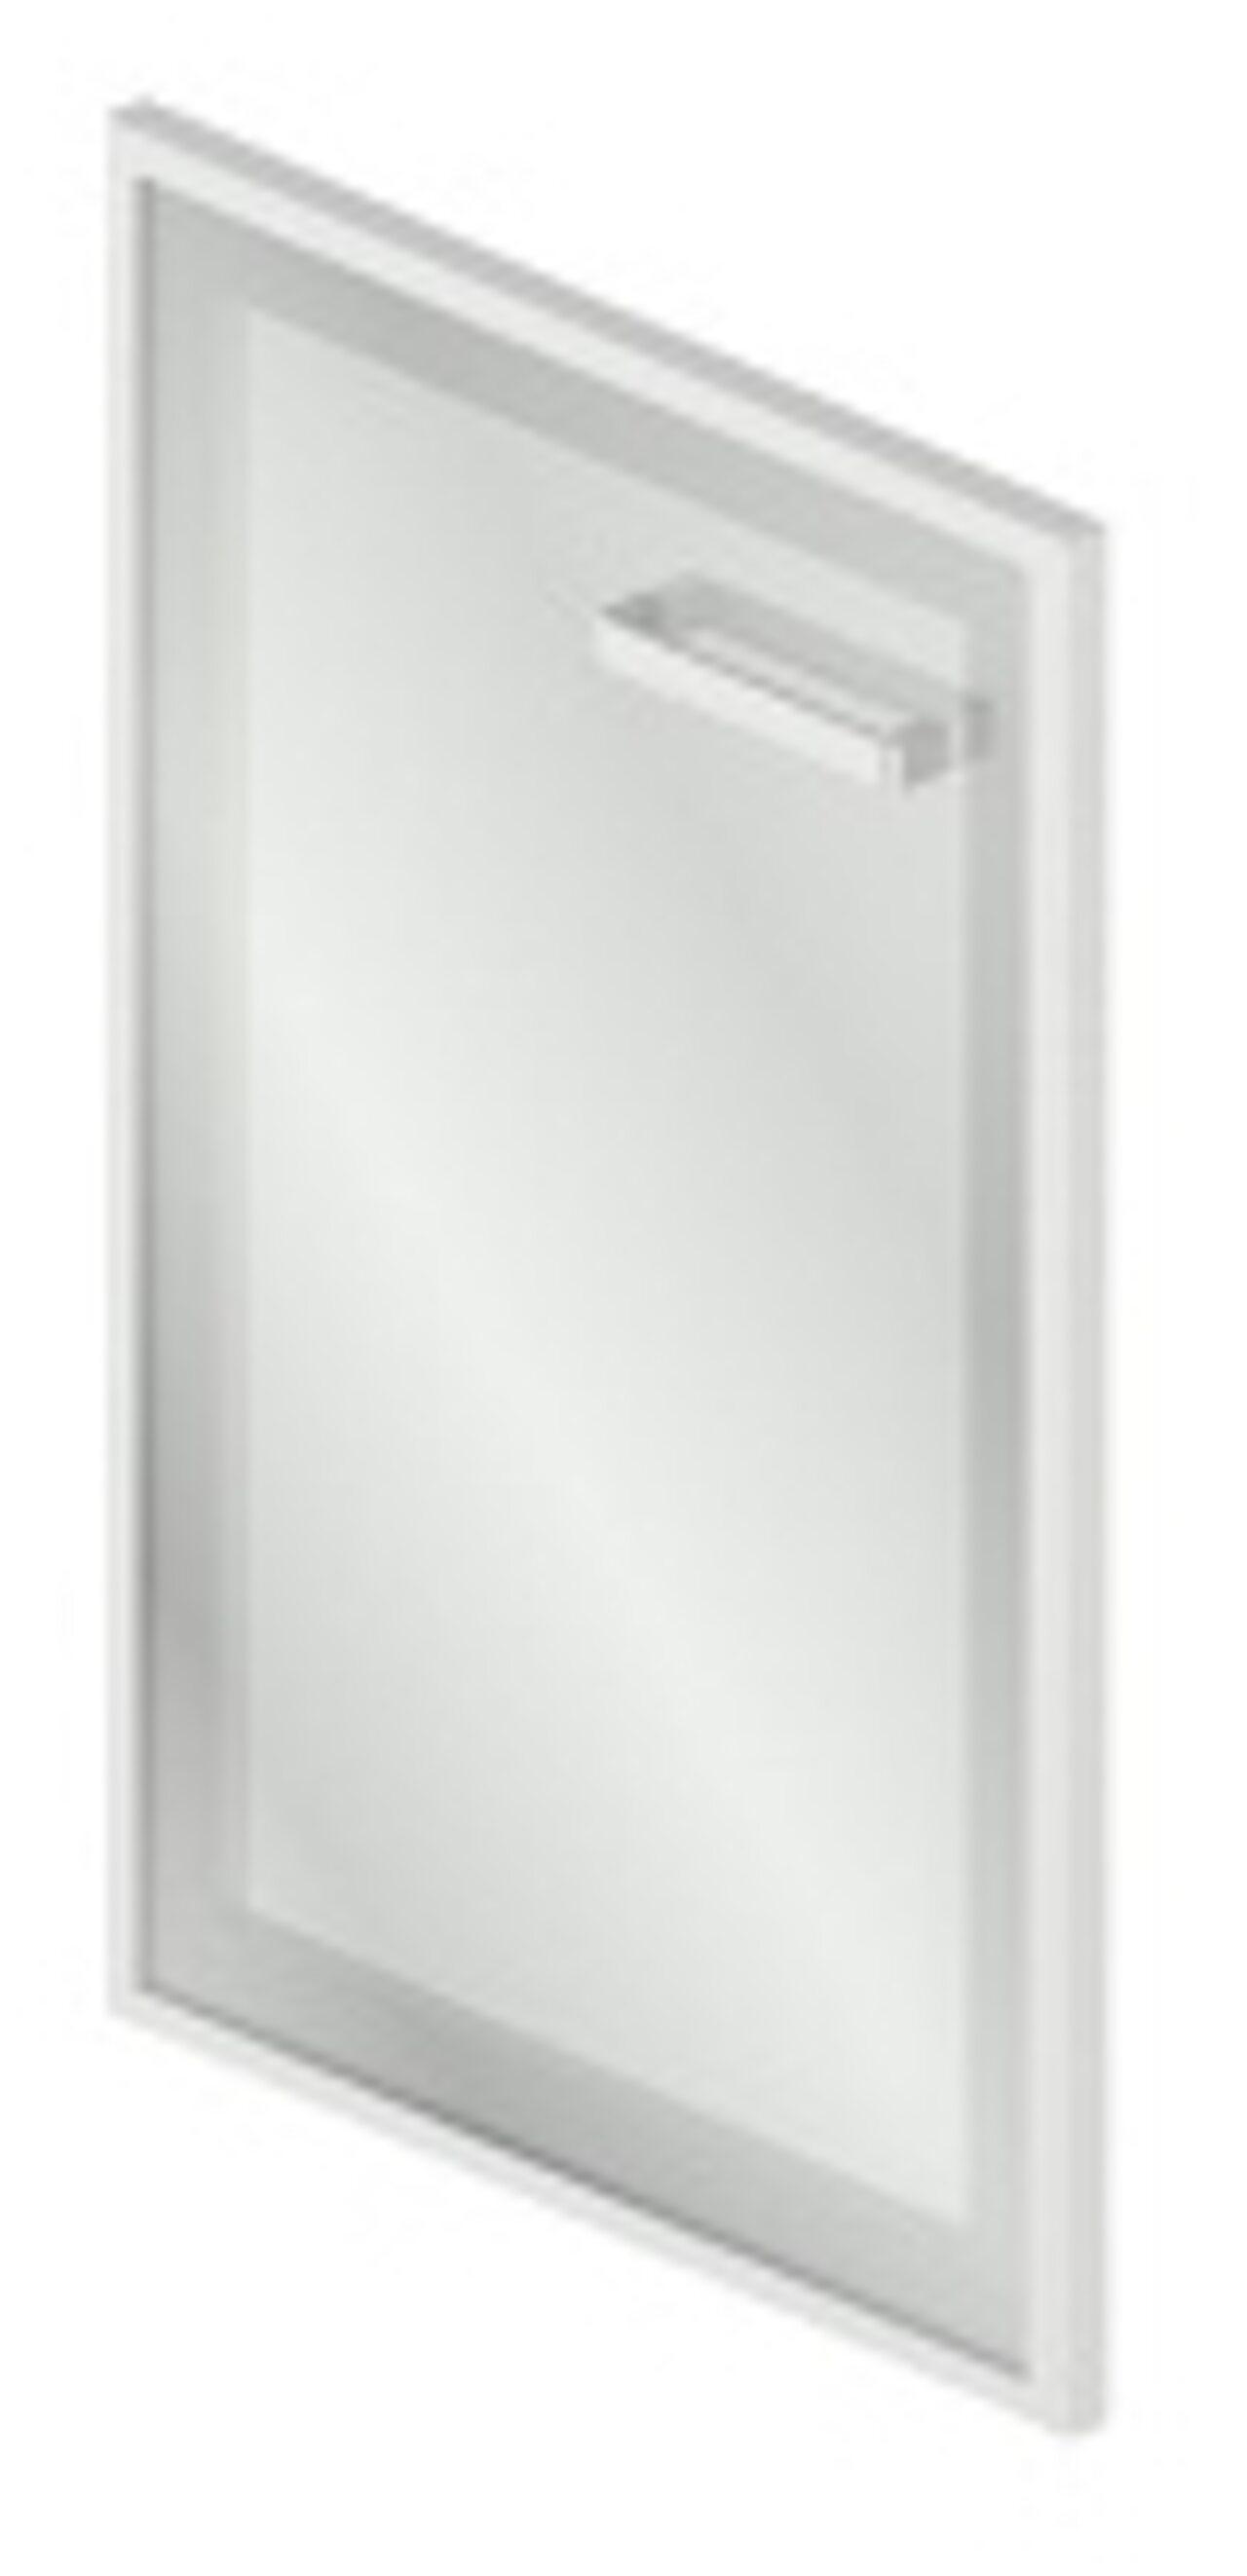 Дверь стеклянная в МДФ-рамке левая - фото 1